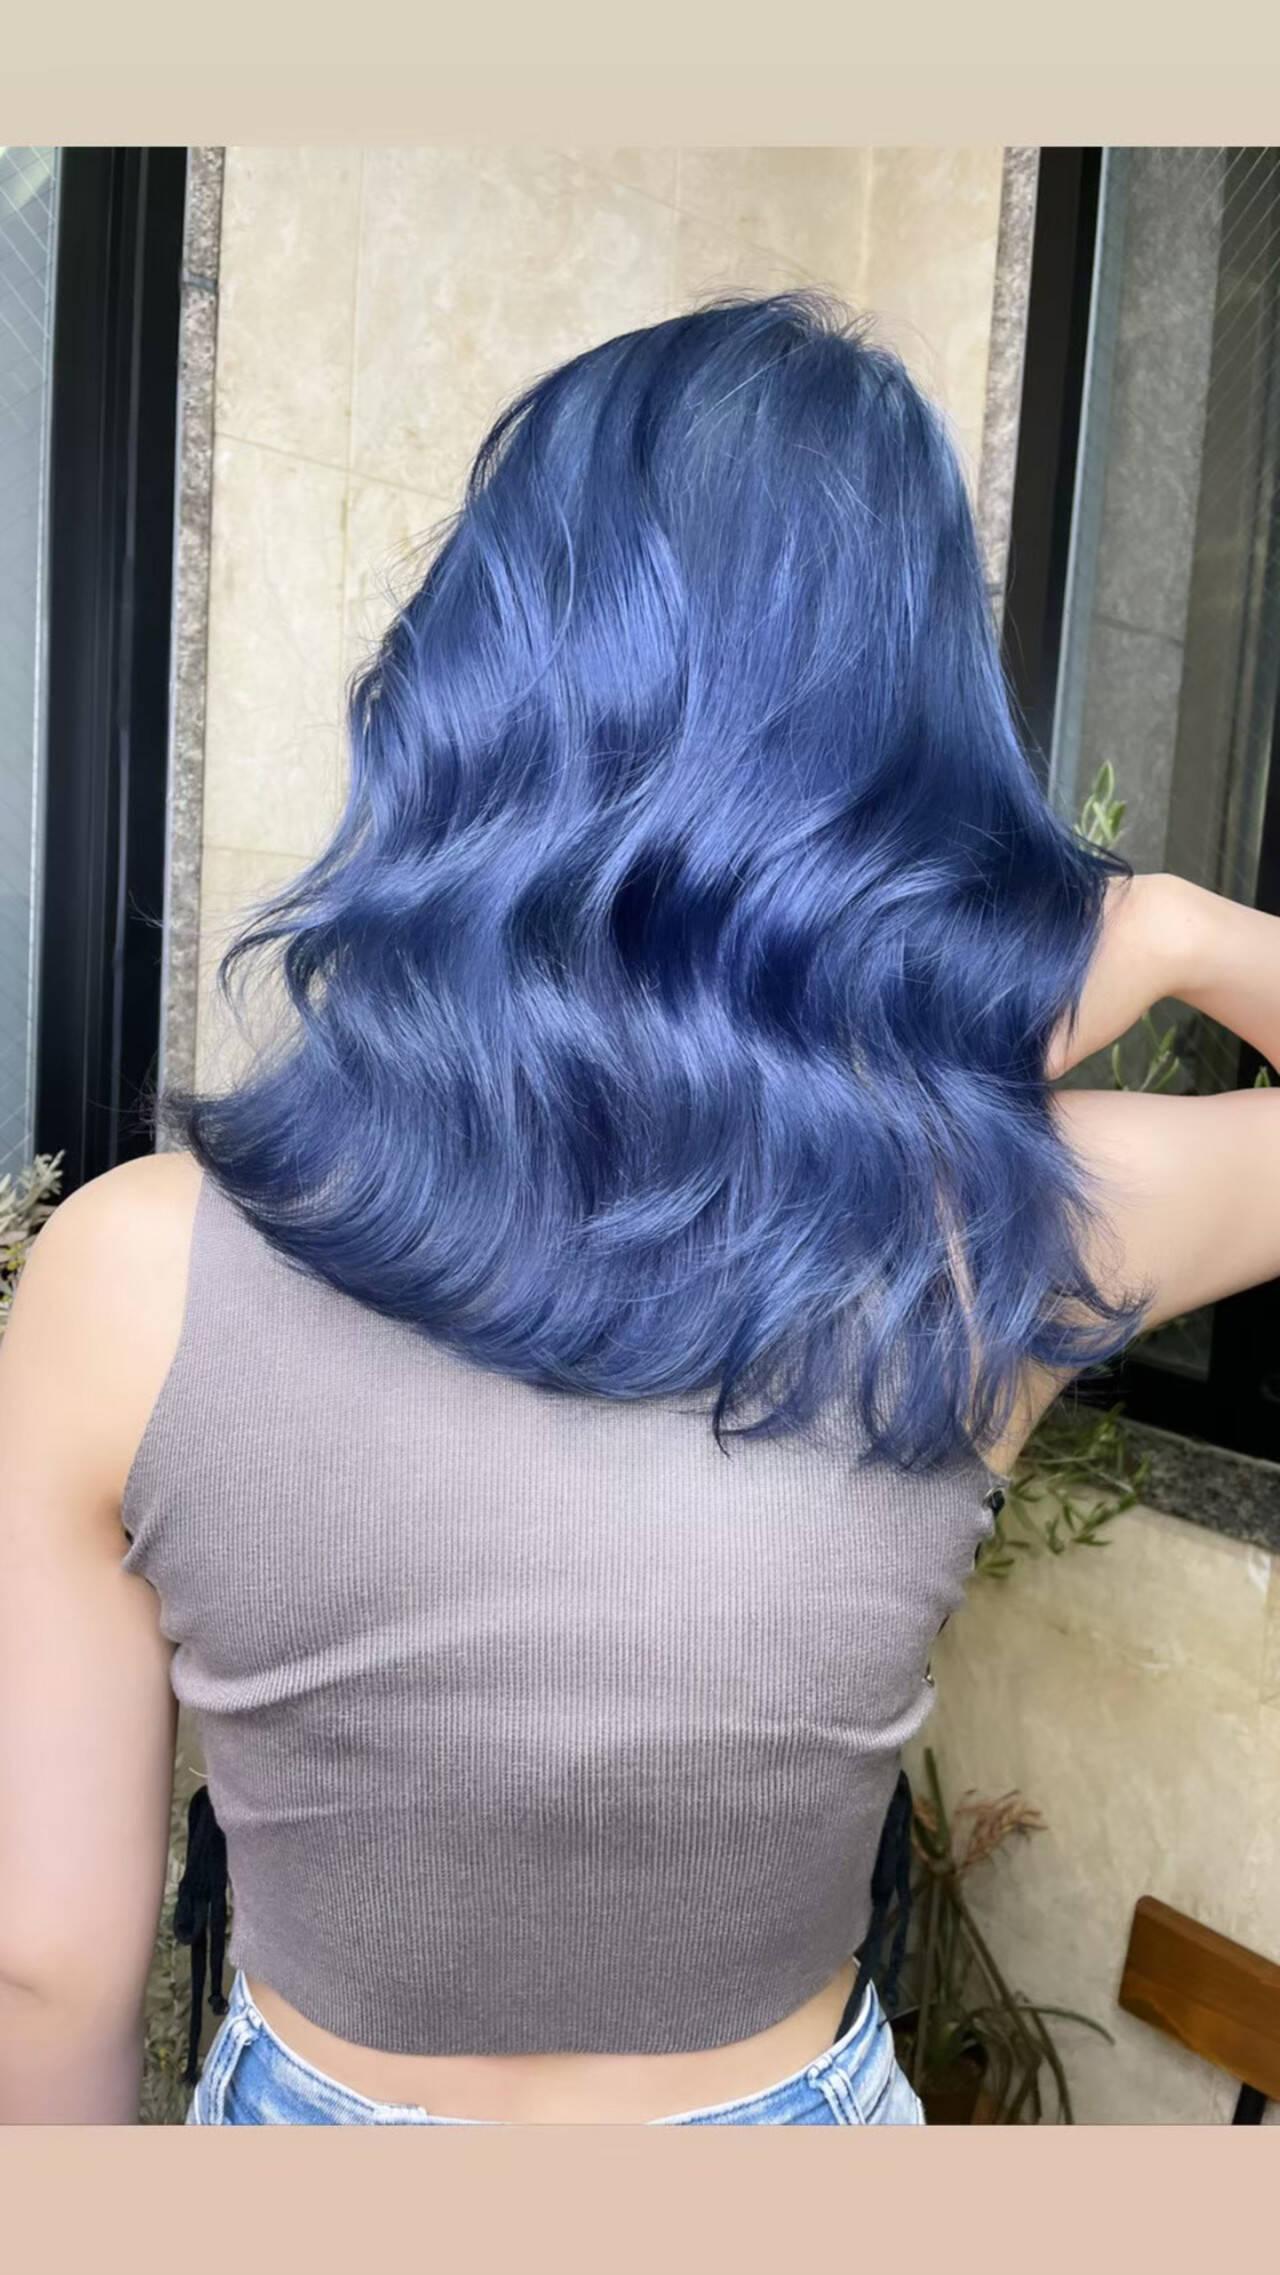 ハイトーンカラー ロング ミルクティーベージュ 透明感カラーヘアスタイルや髪型の写真・画像